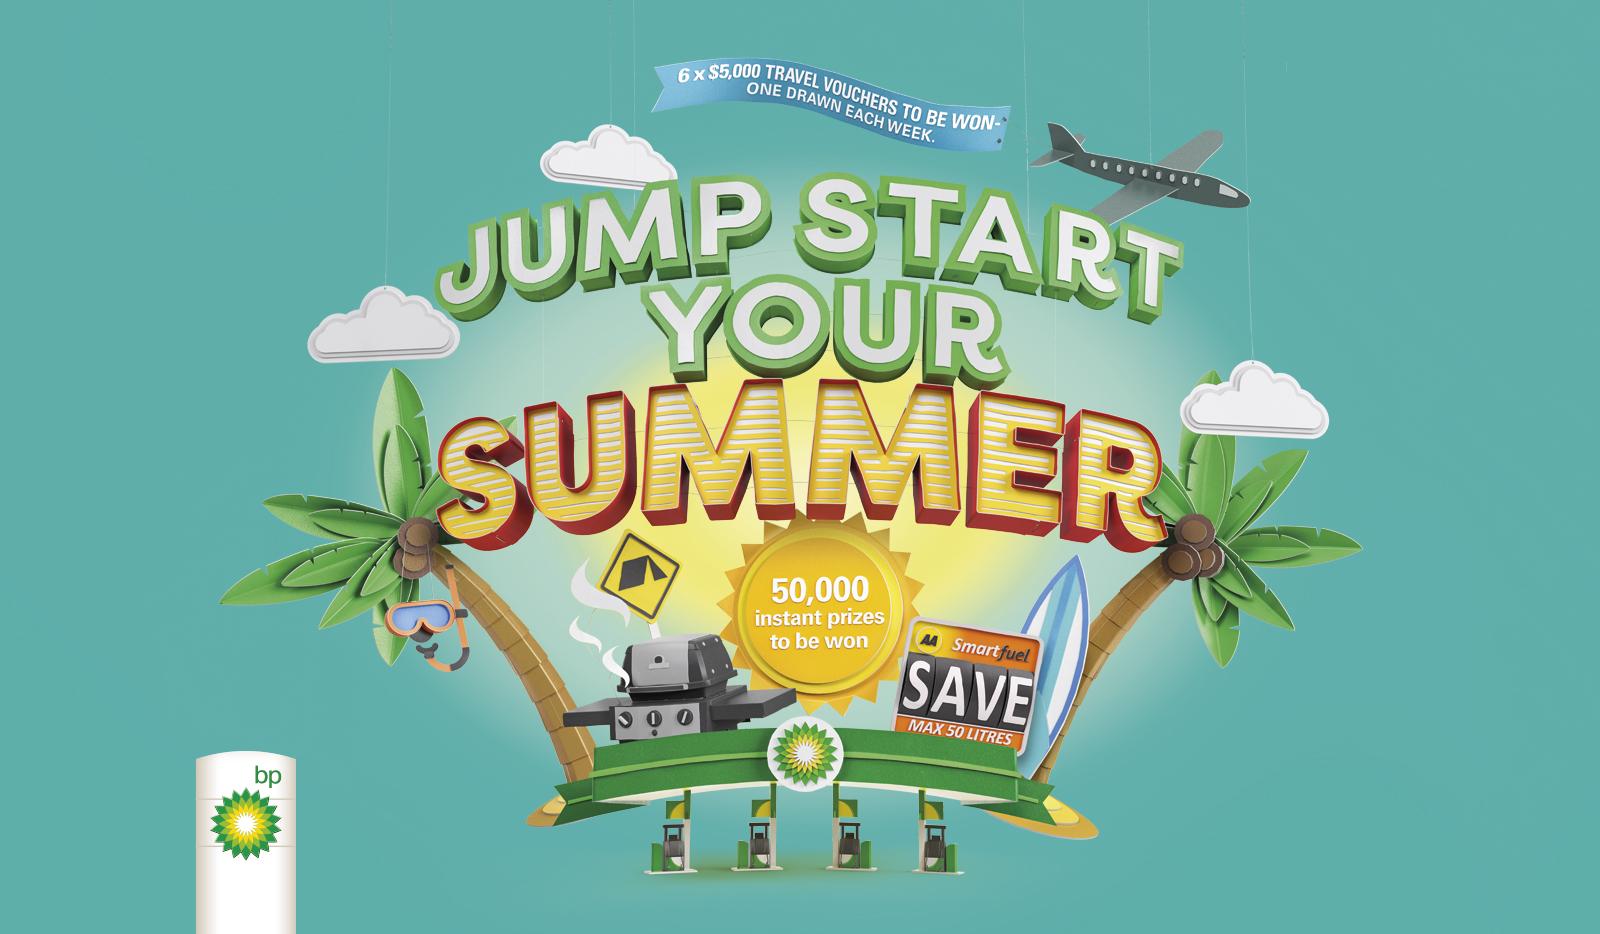 BP - Jump Start Your Summer